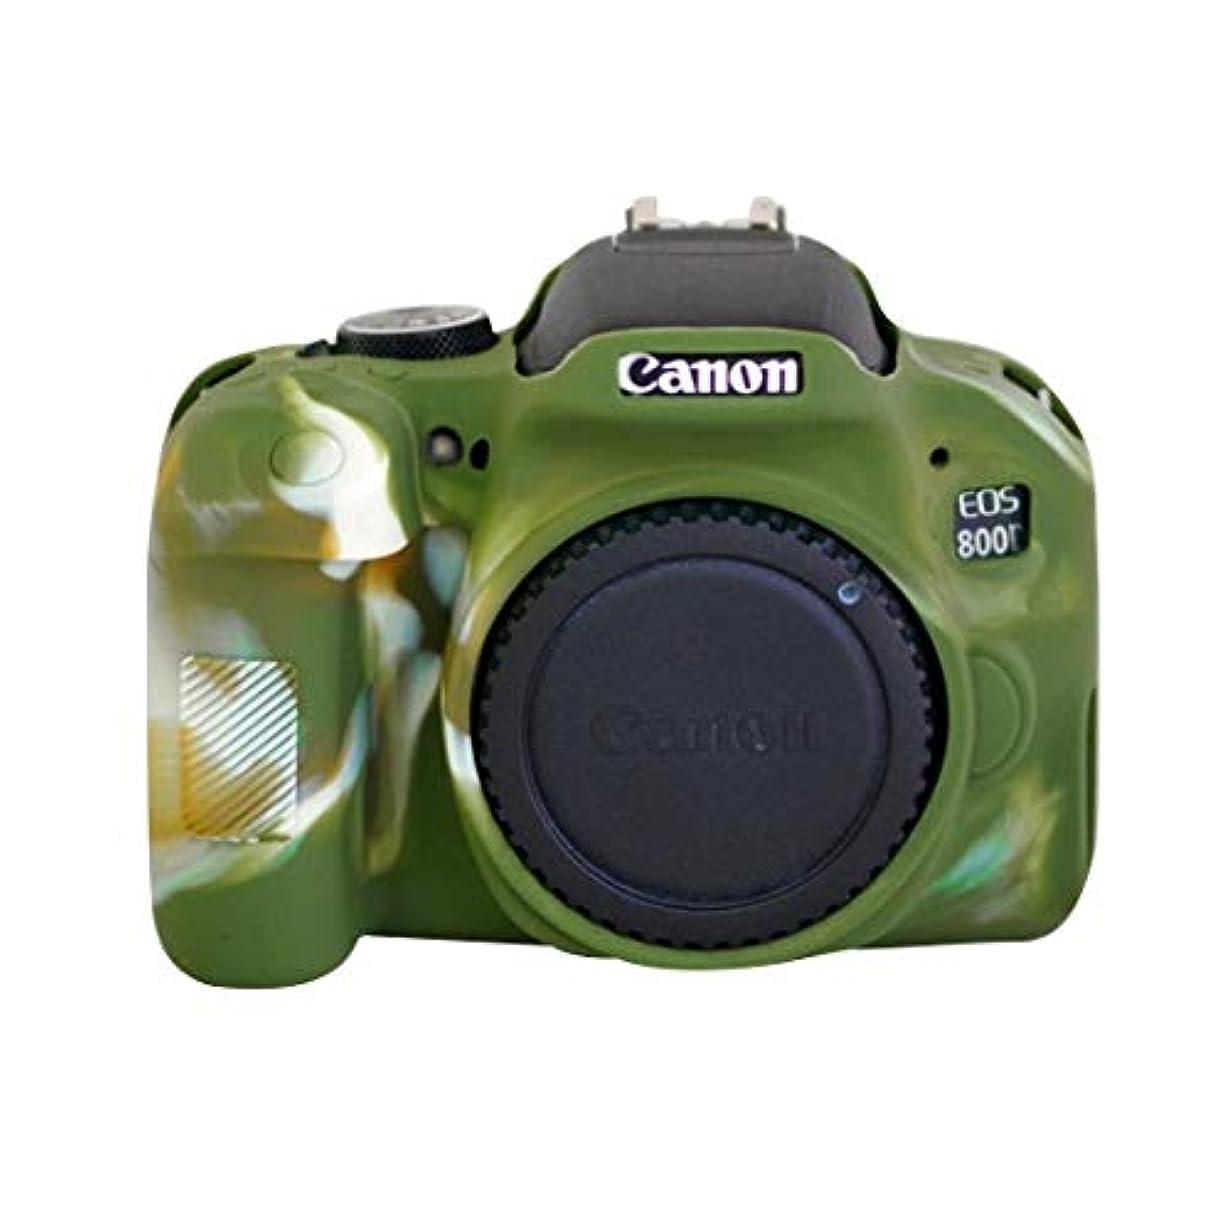 ジョットディボンドンサロン帝国KUNPN PULUZキヤノンEOS 800D防水カメラケースのソフトシリコン保護ケース (Size : Pu7109a)